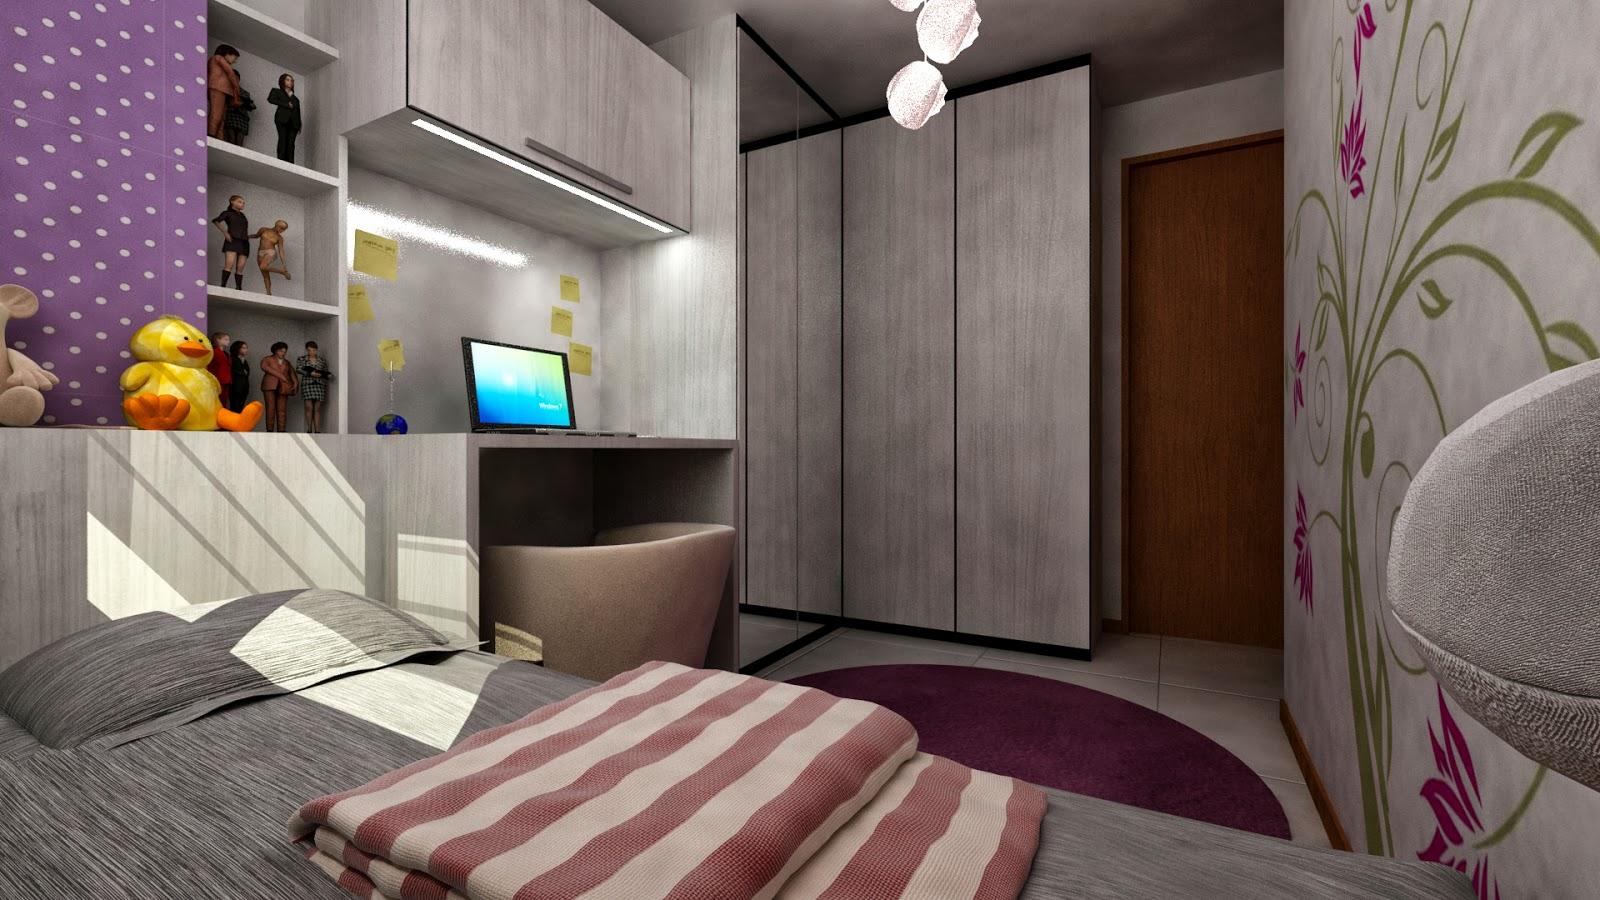 S³ ARQUITETURA E PLANEJAMENTO: Projetos S³ interiores #04A9C7 1600x900